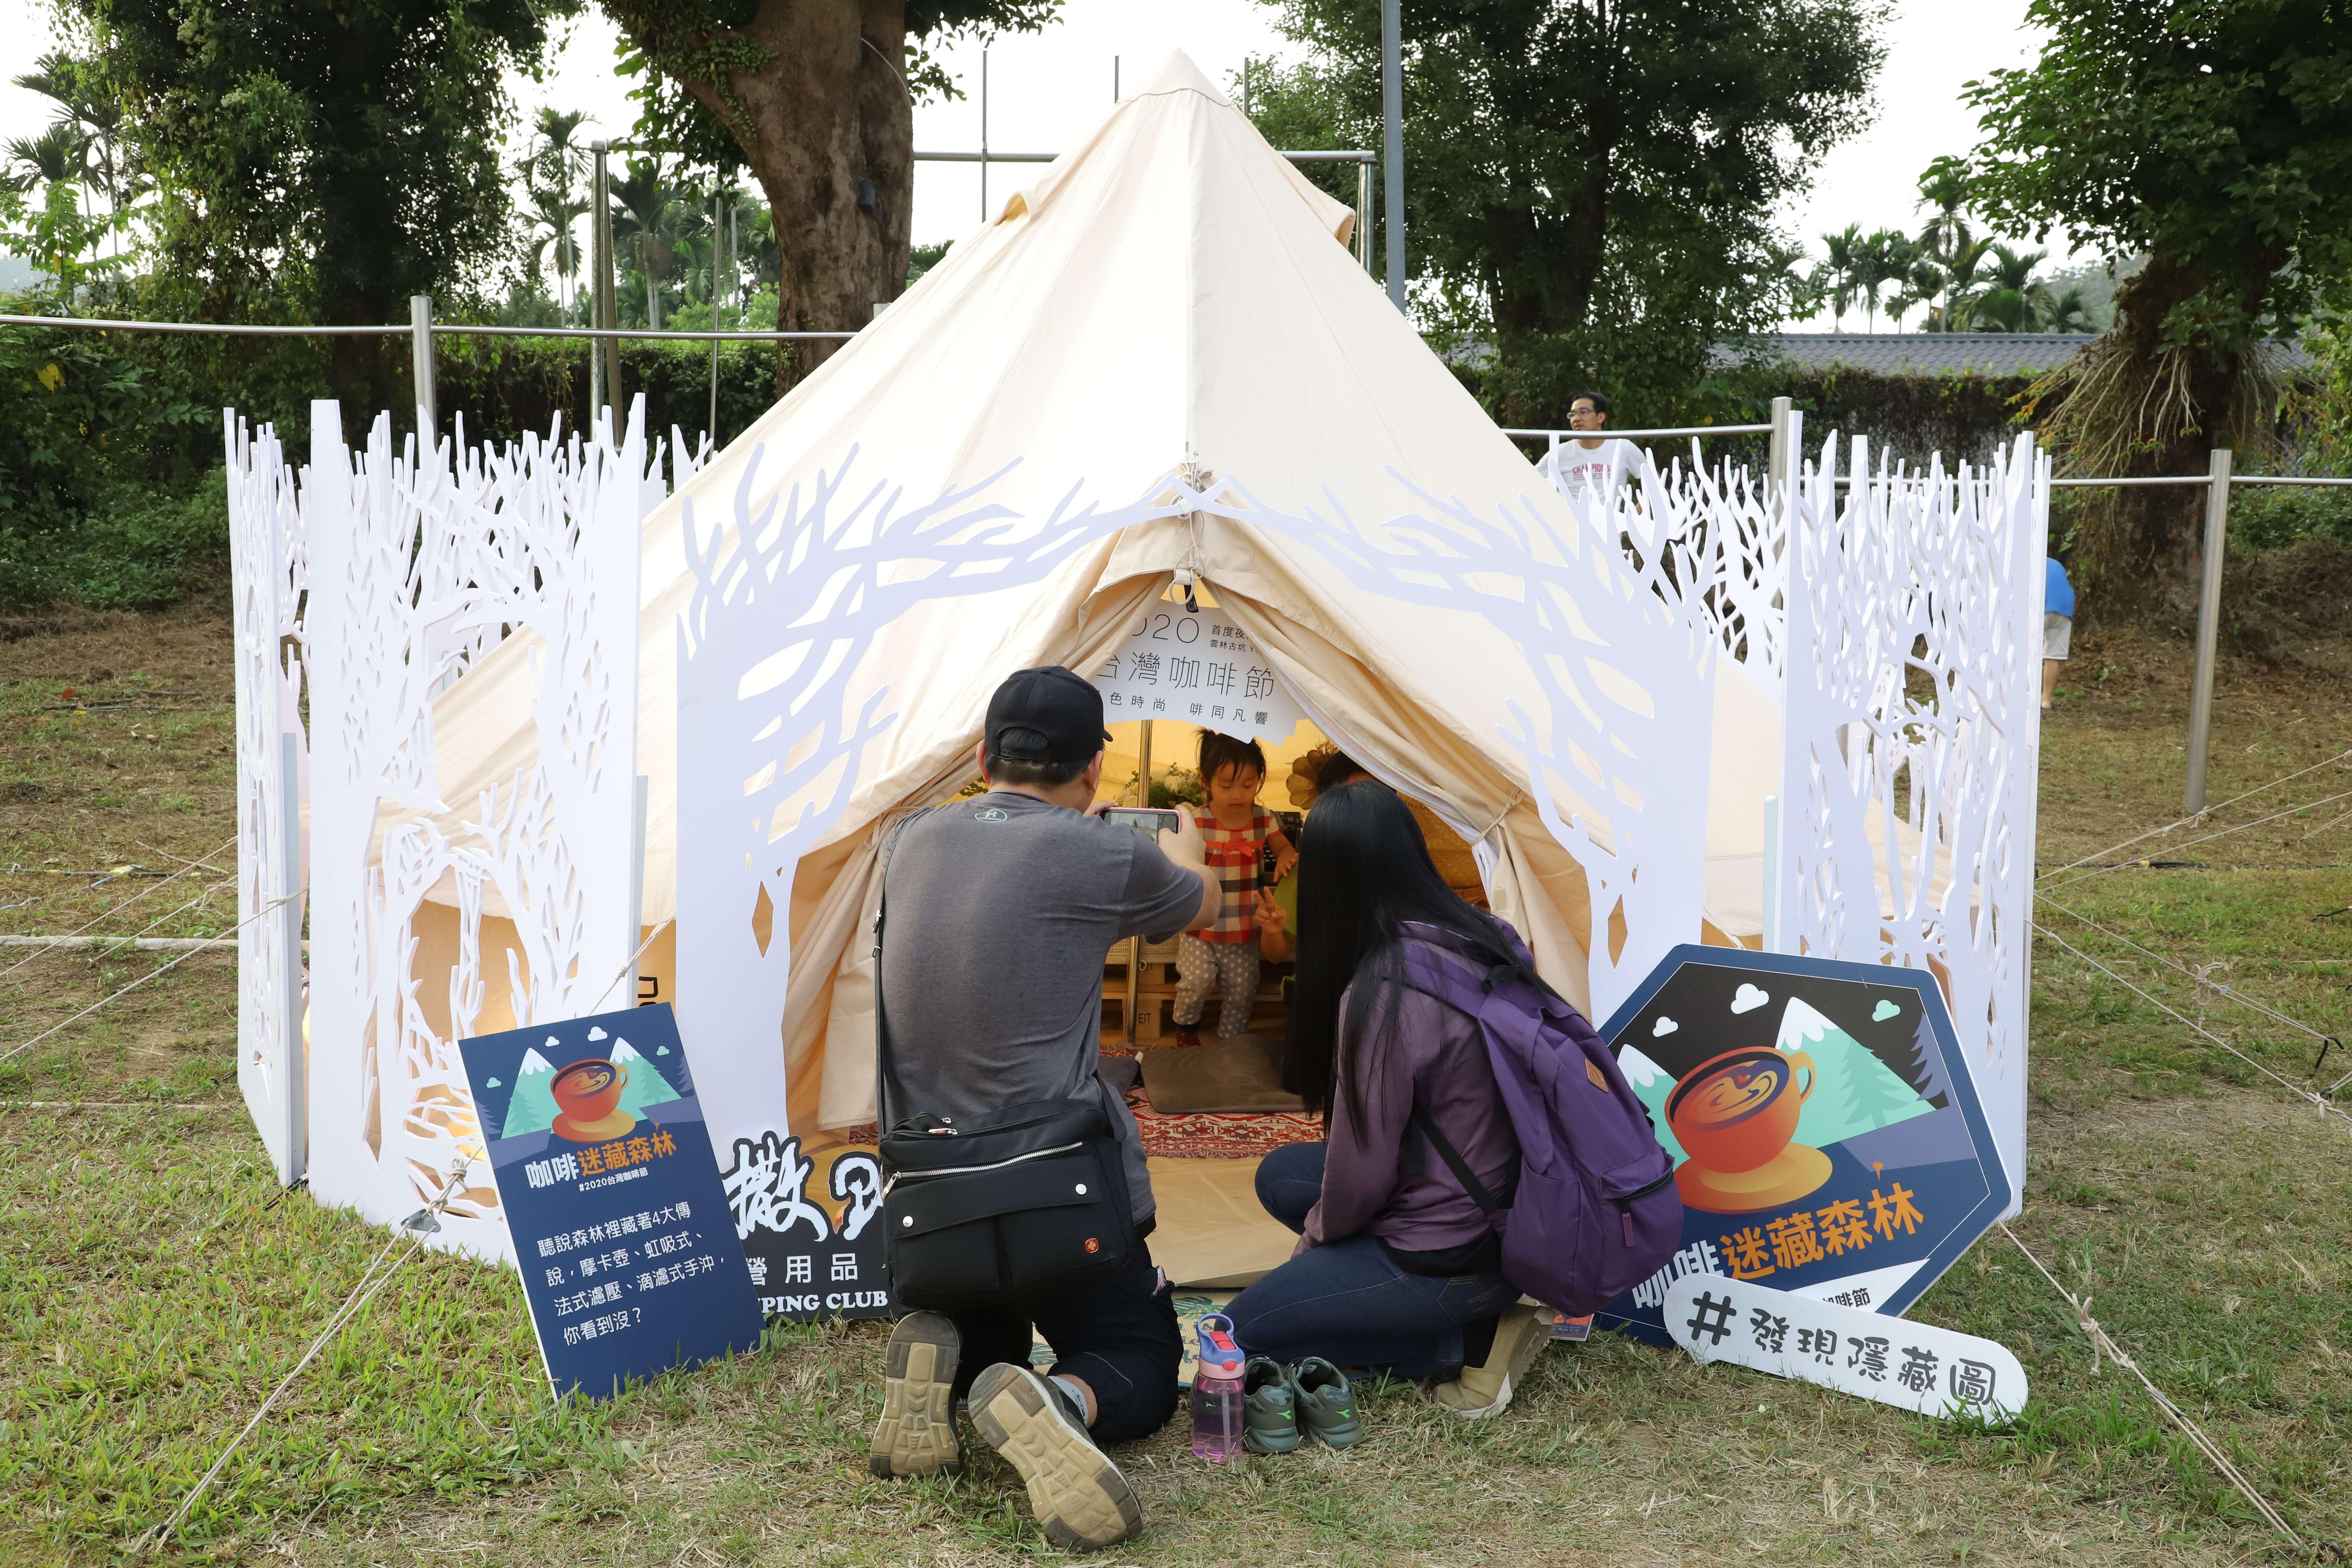 主題帳篷區吸引大批民眾拍照留念。